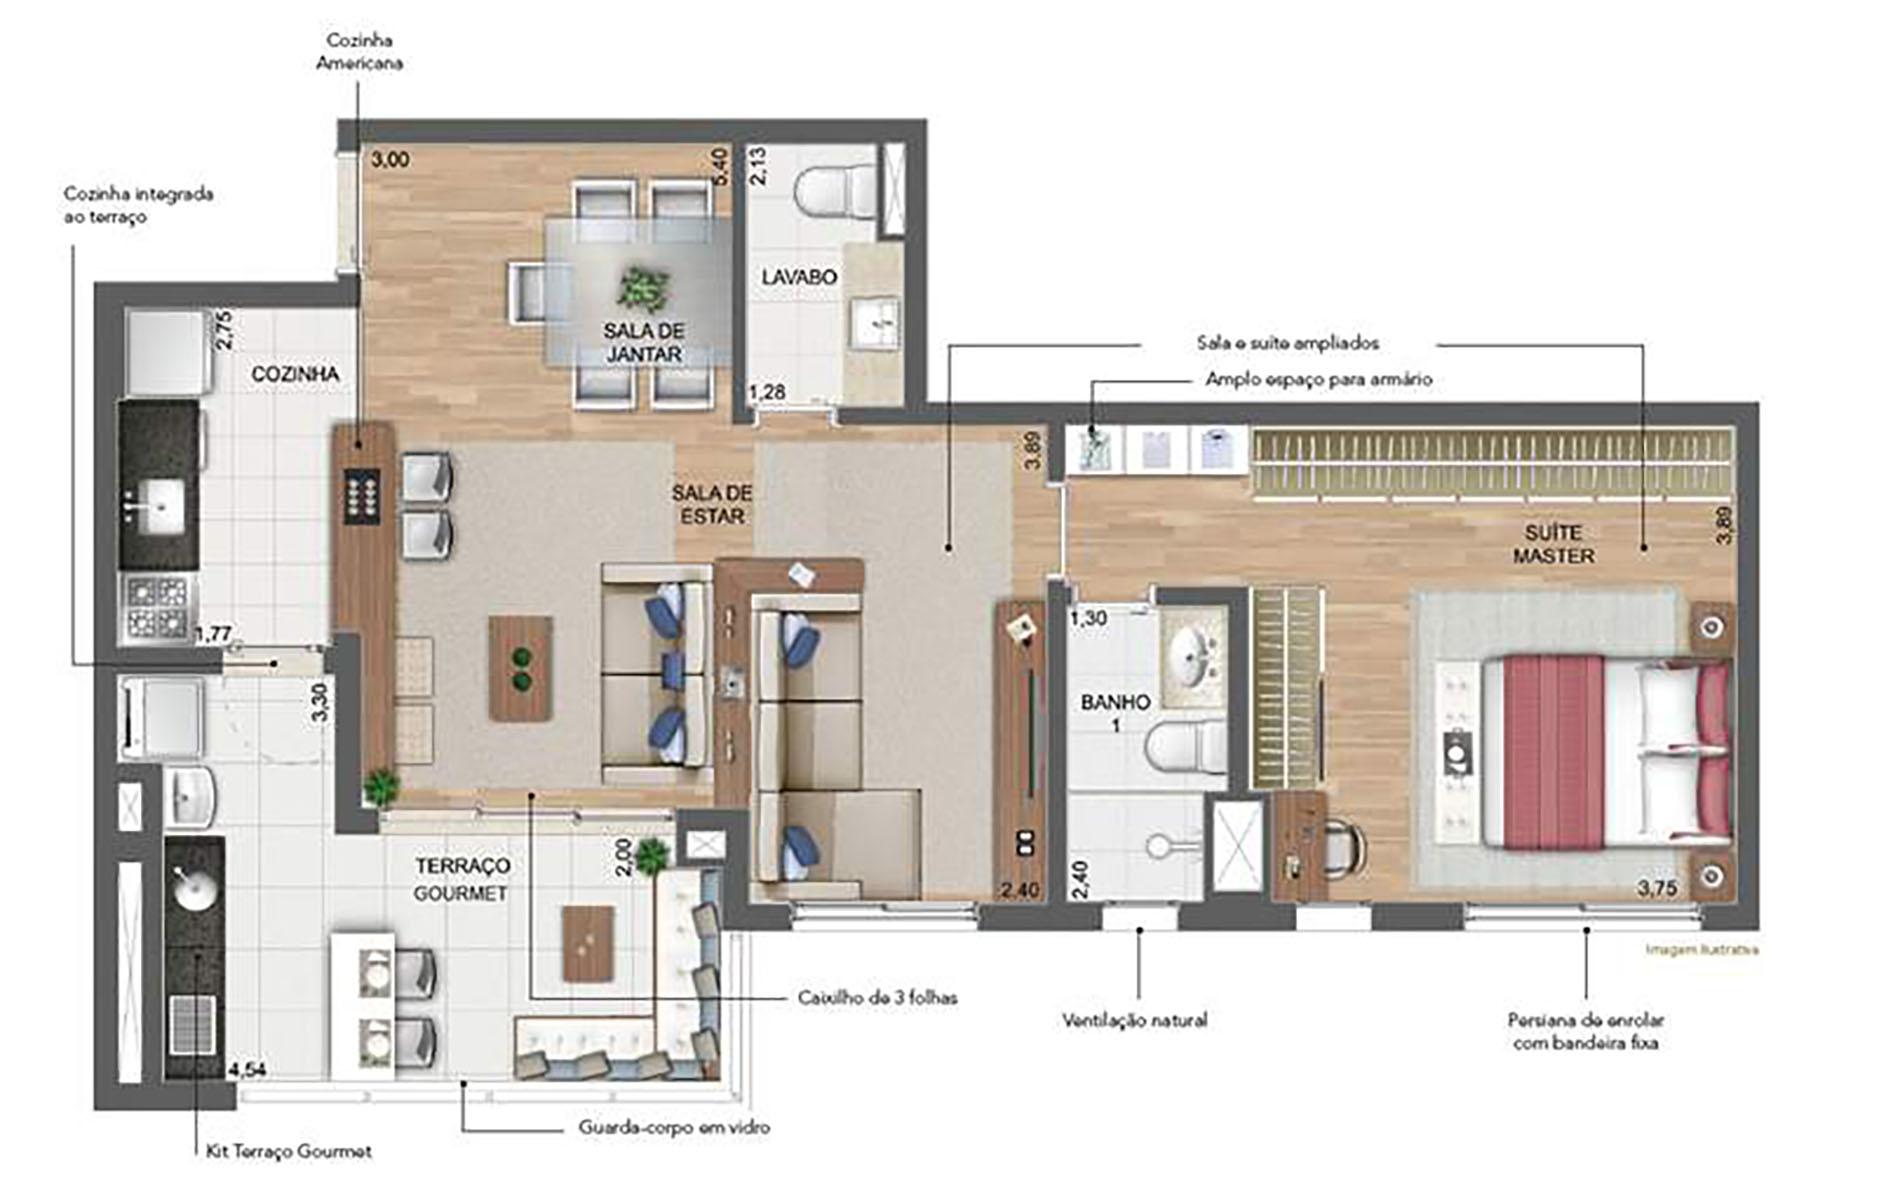 76 m² Sala Ampliada › NEW PARKER